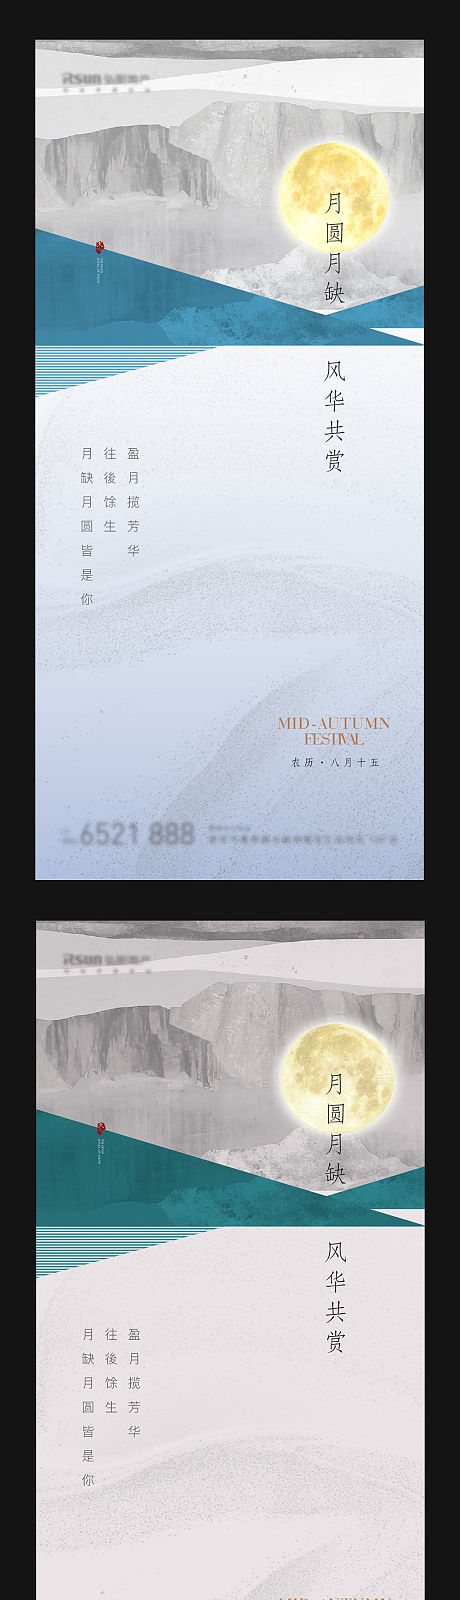 中秋新中式高级灰海报-源文件